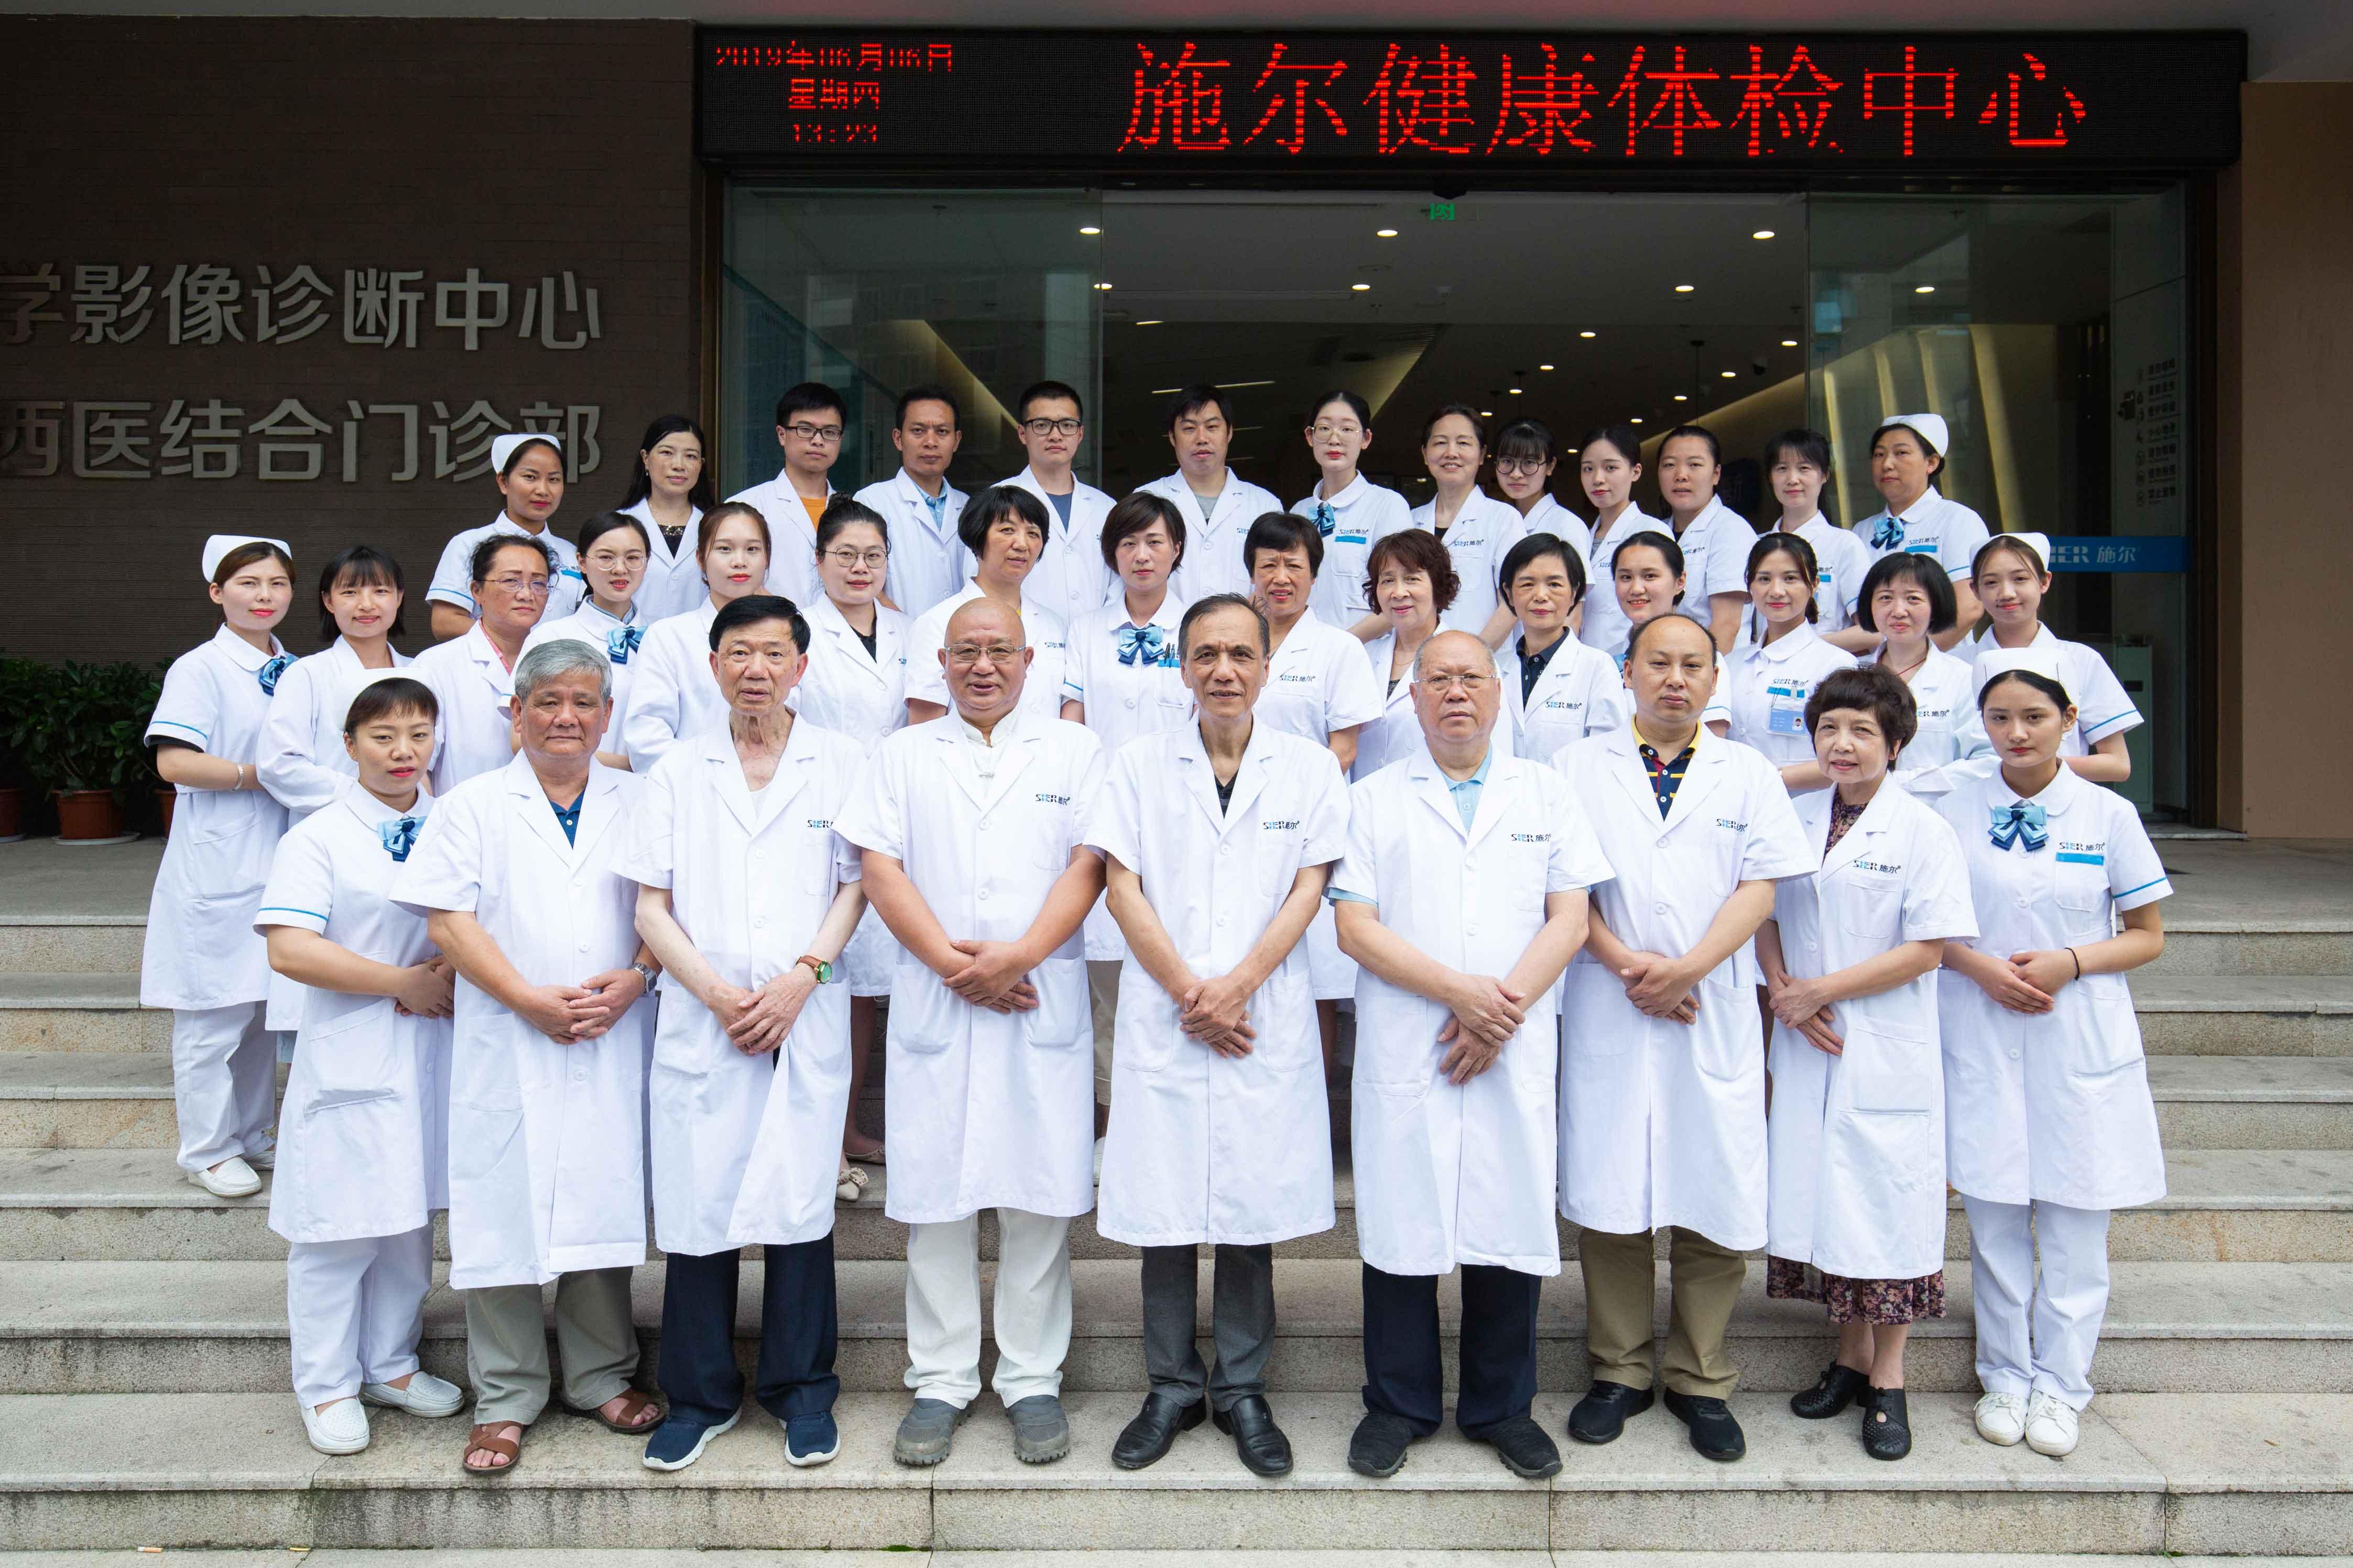 施尔医学影像健康体检中心